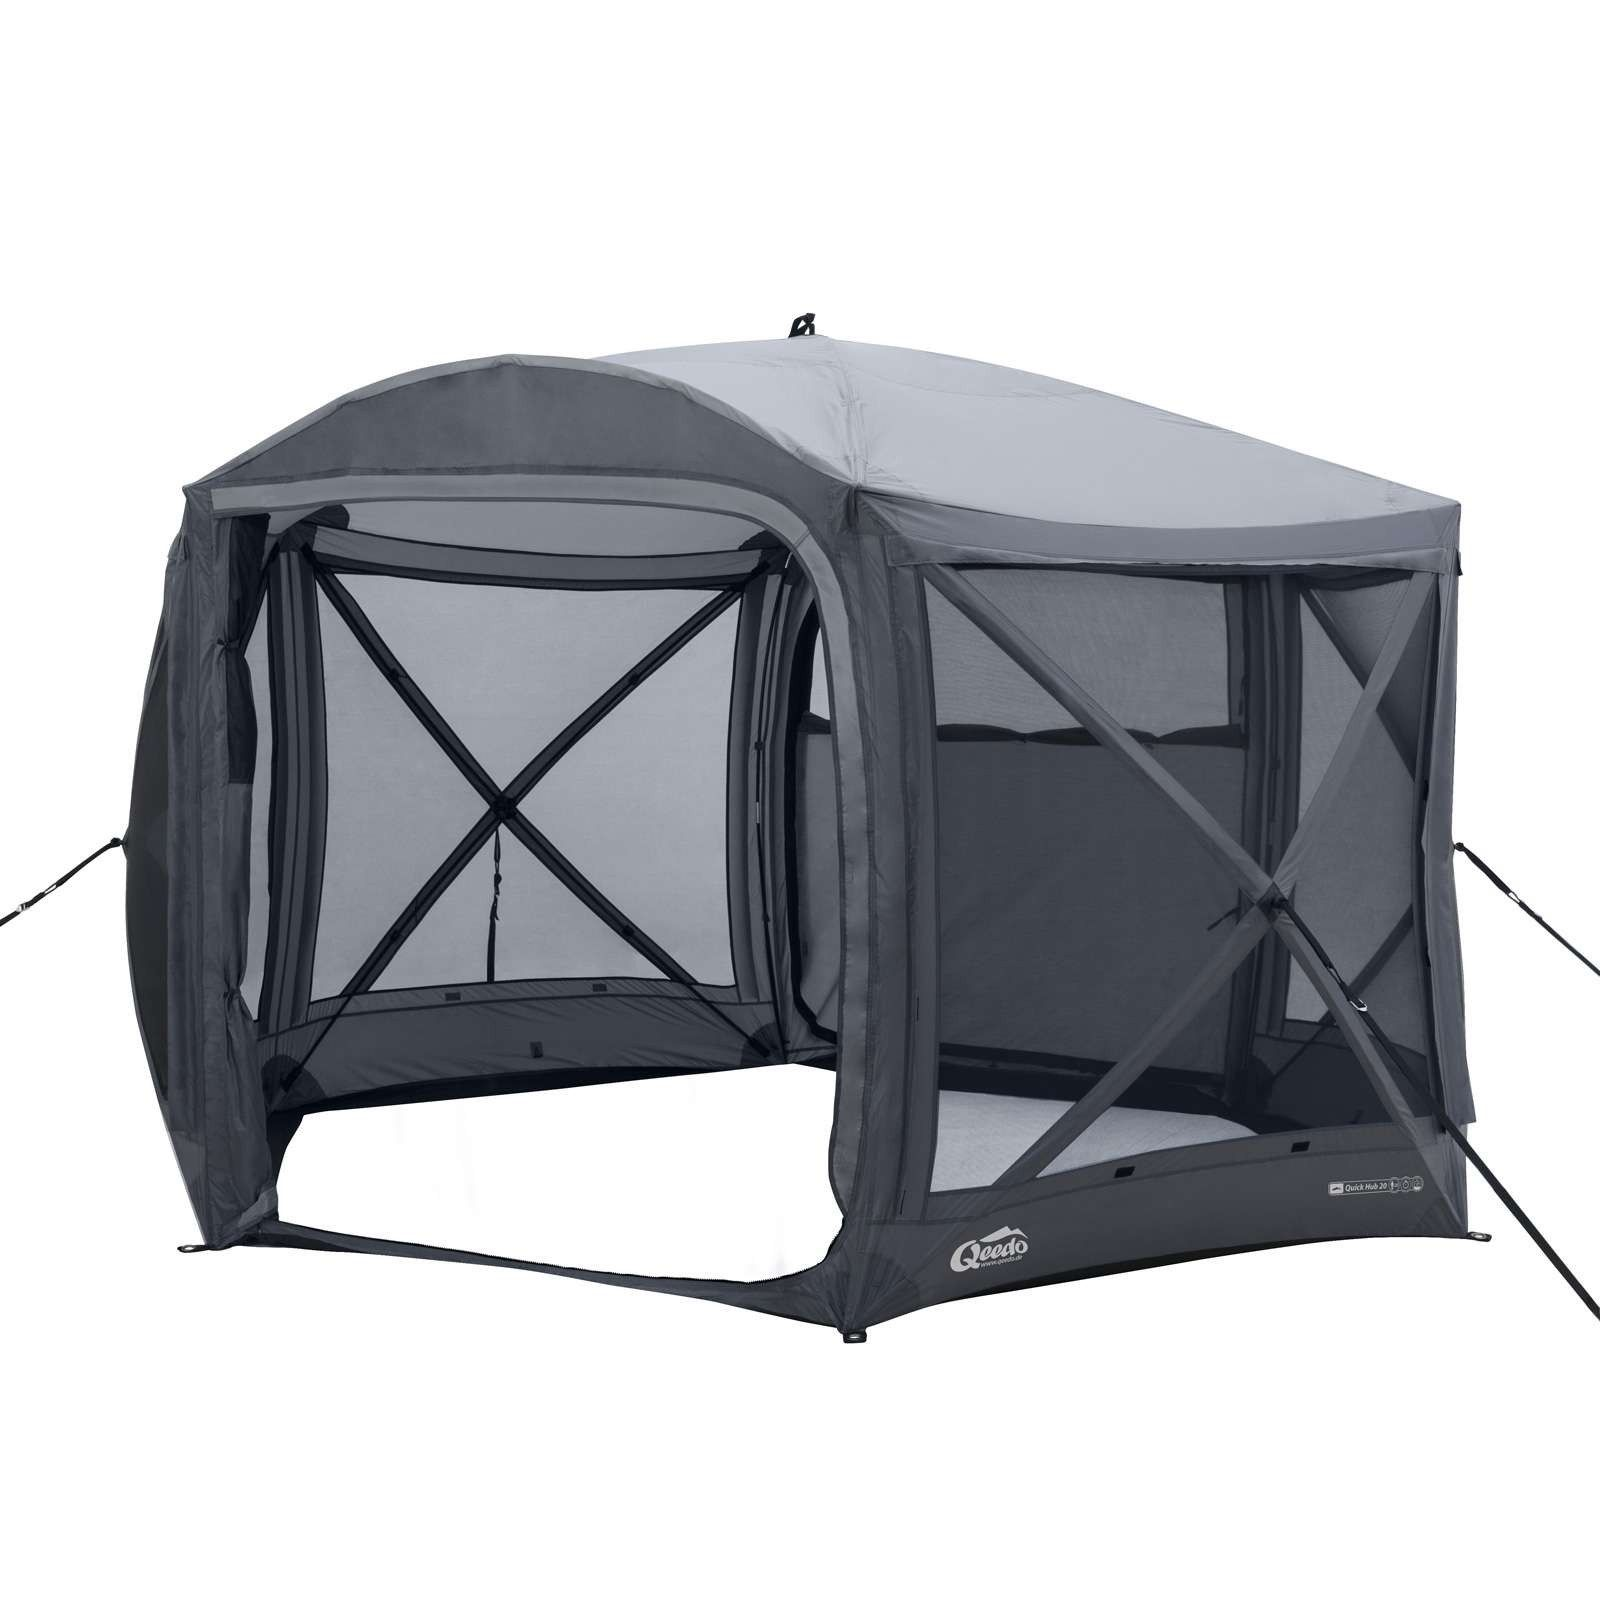 Best Of Gartenpavillon Zelt Cheap camping gear, Van tent